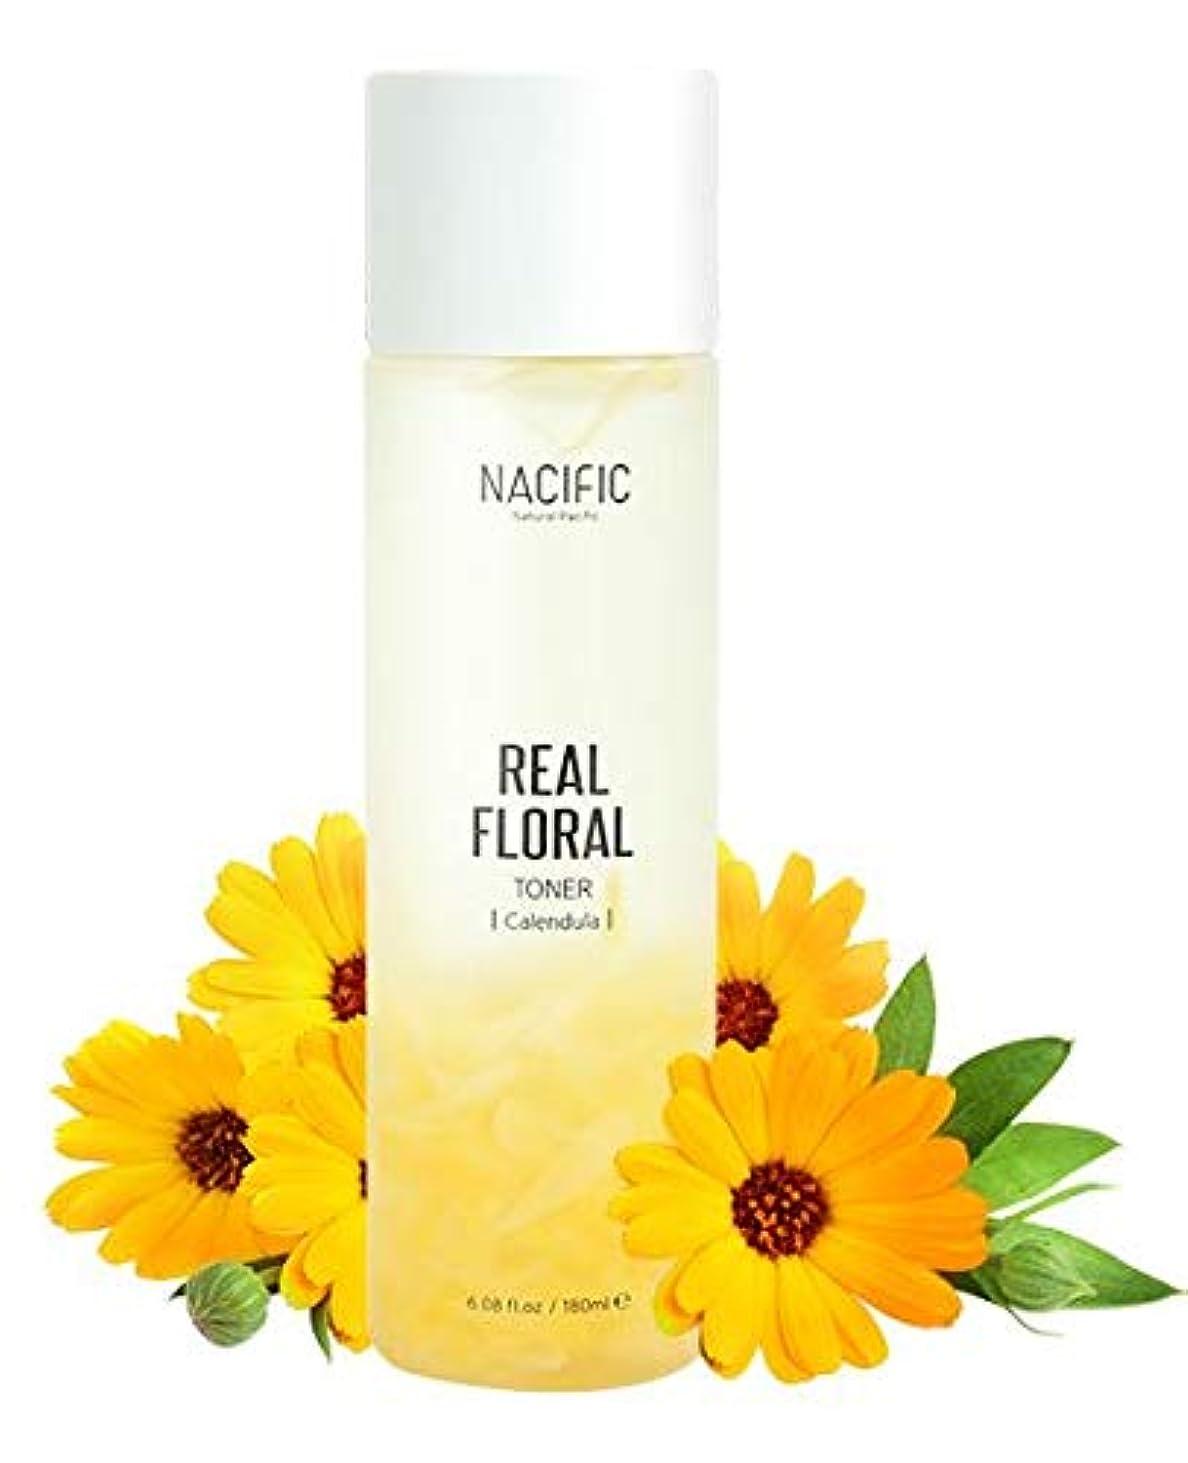 長老組立ピアニスト[Nacific] Real Floral Toner(Calendula) 180ml /[ナシフィック] リアル フローラル トナー(カレンデュラ) 180ml [並行輸入品]